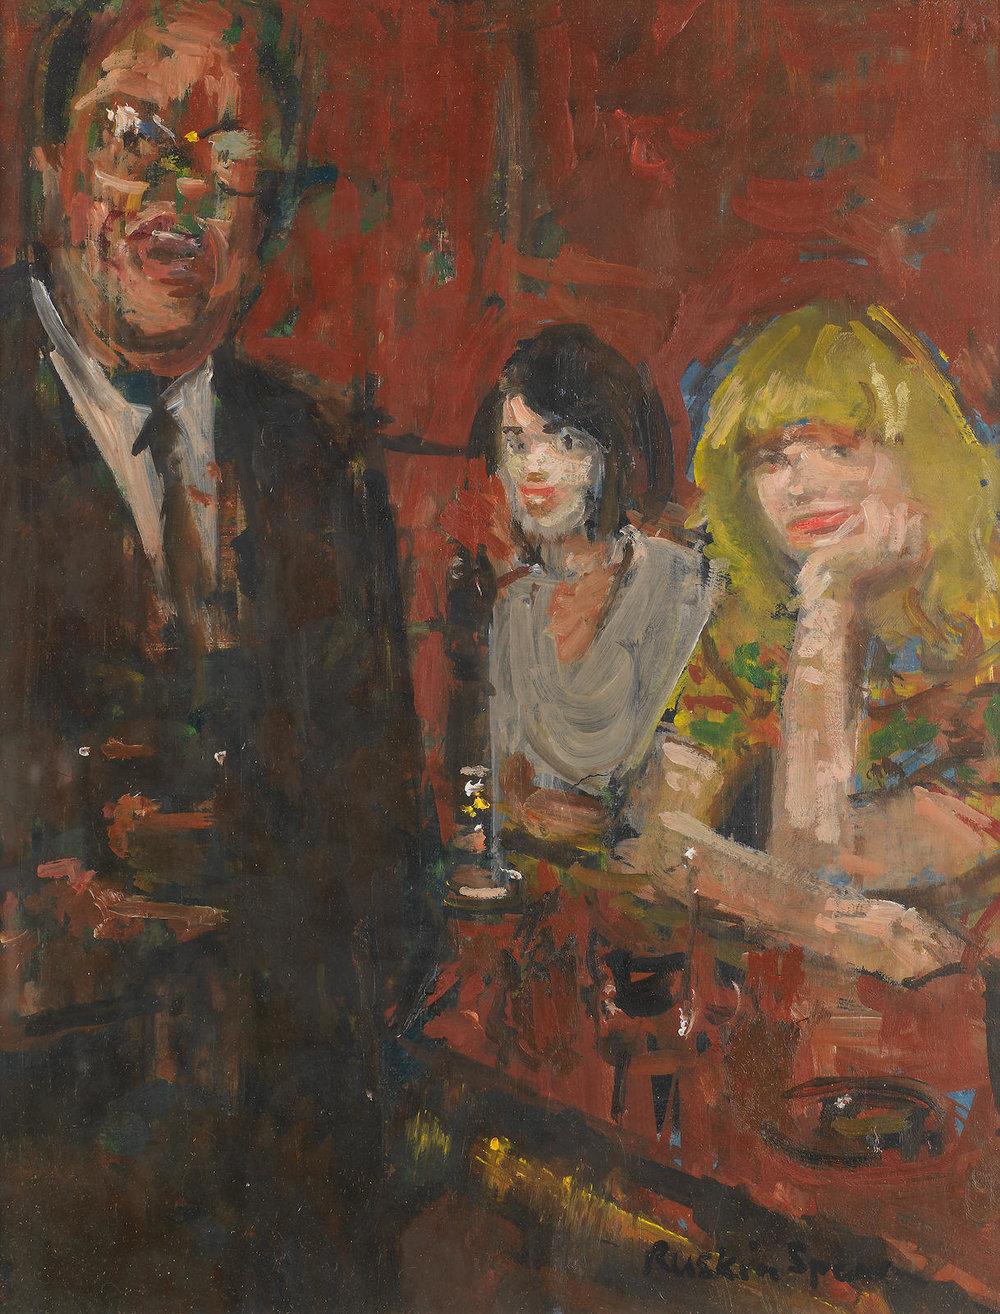 Ruskin Spear,  Pub scene,  oil on board